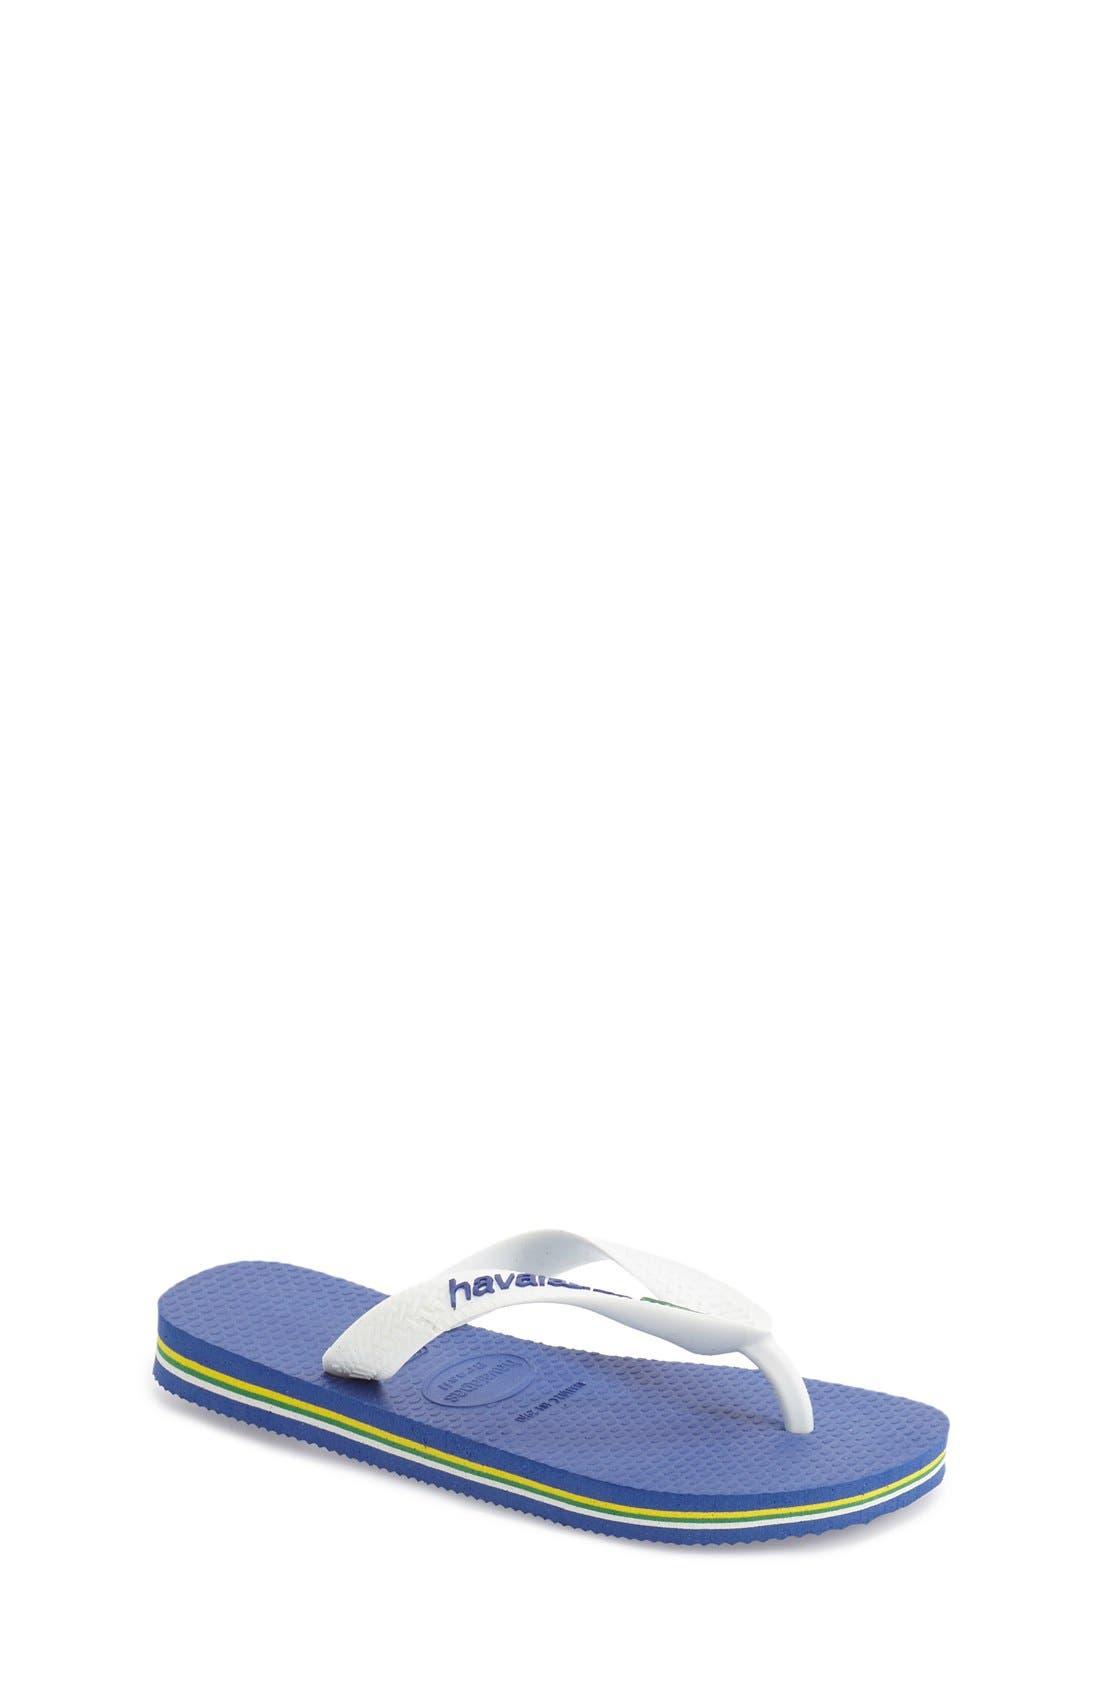 HAVAIANAS, 'Brazil Logo' Flip Flop, Main thumbnail 1, color, BLUE